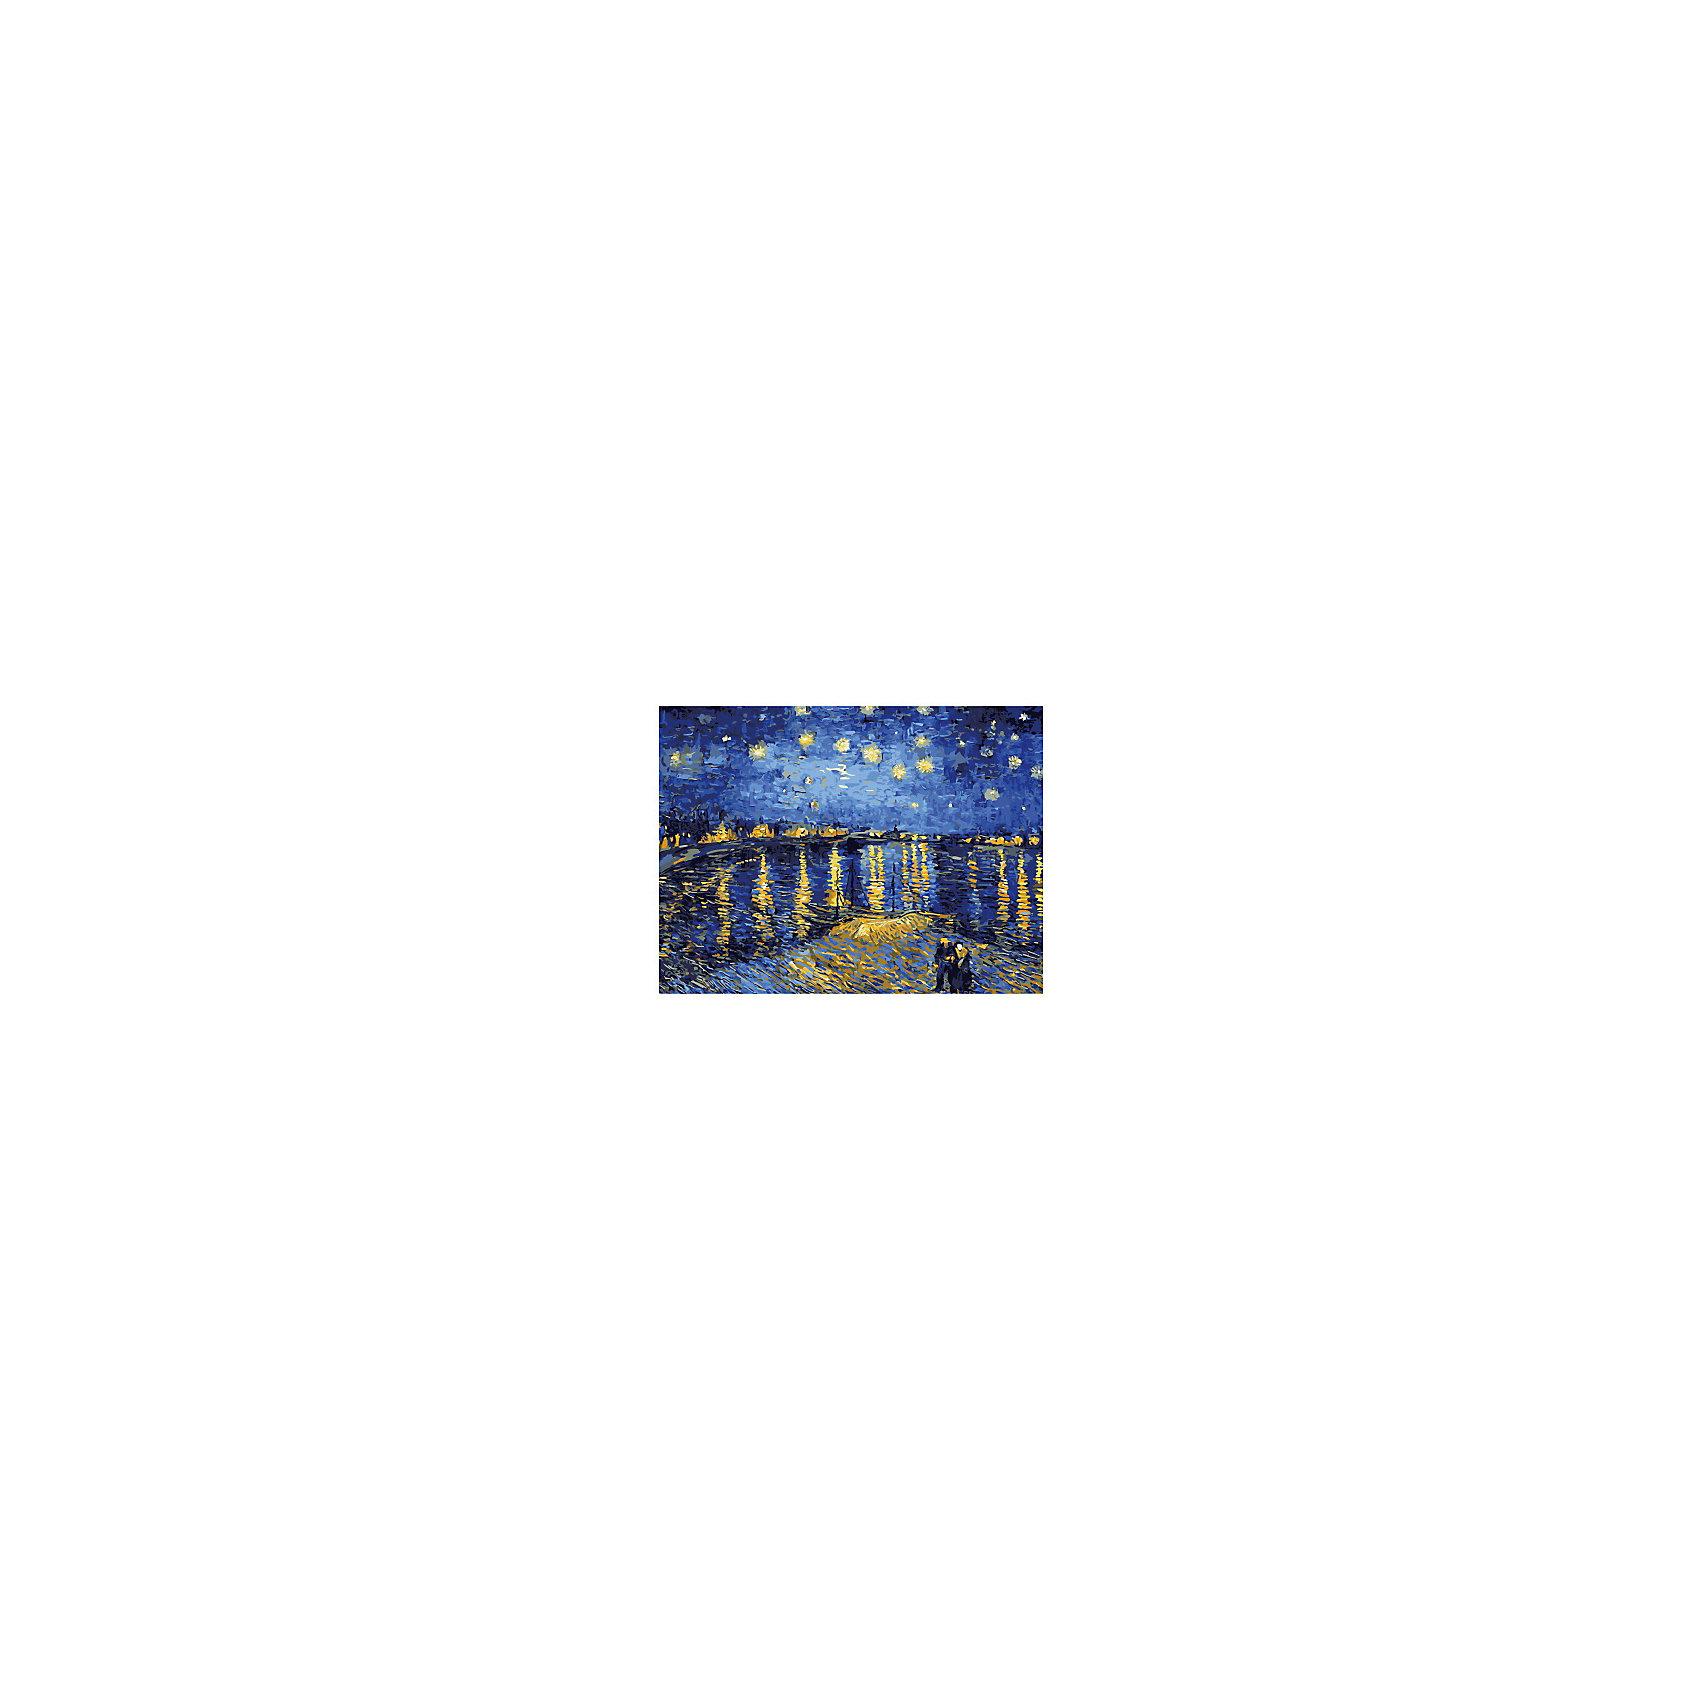 Картина по номерам Ван Гог: Ночь над Роной, 40*50 смРисование<br>Картины с раскраской по номерам размером 40*50. На деревянном подрамнике, с прогрунтованным холстом и  нанесенными контурами картины, с указанием цвета закраски, акриловыми красками, 3 кисточками и креплением на стену. Уровень сложности, количество красок указаны на коробке.<br><br>Ширина мм: 500<br>Глубина мм: 400<br>Высота мм: 40<br>Вес г: 730<br>Возраст от месяцев: 108<br>Возраст до месяцев: 2147483647<br>Пол: Унисекс<br>Возраст: Детский<br>SKU: 5417700